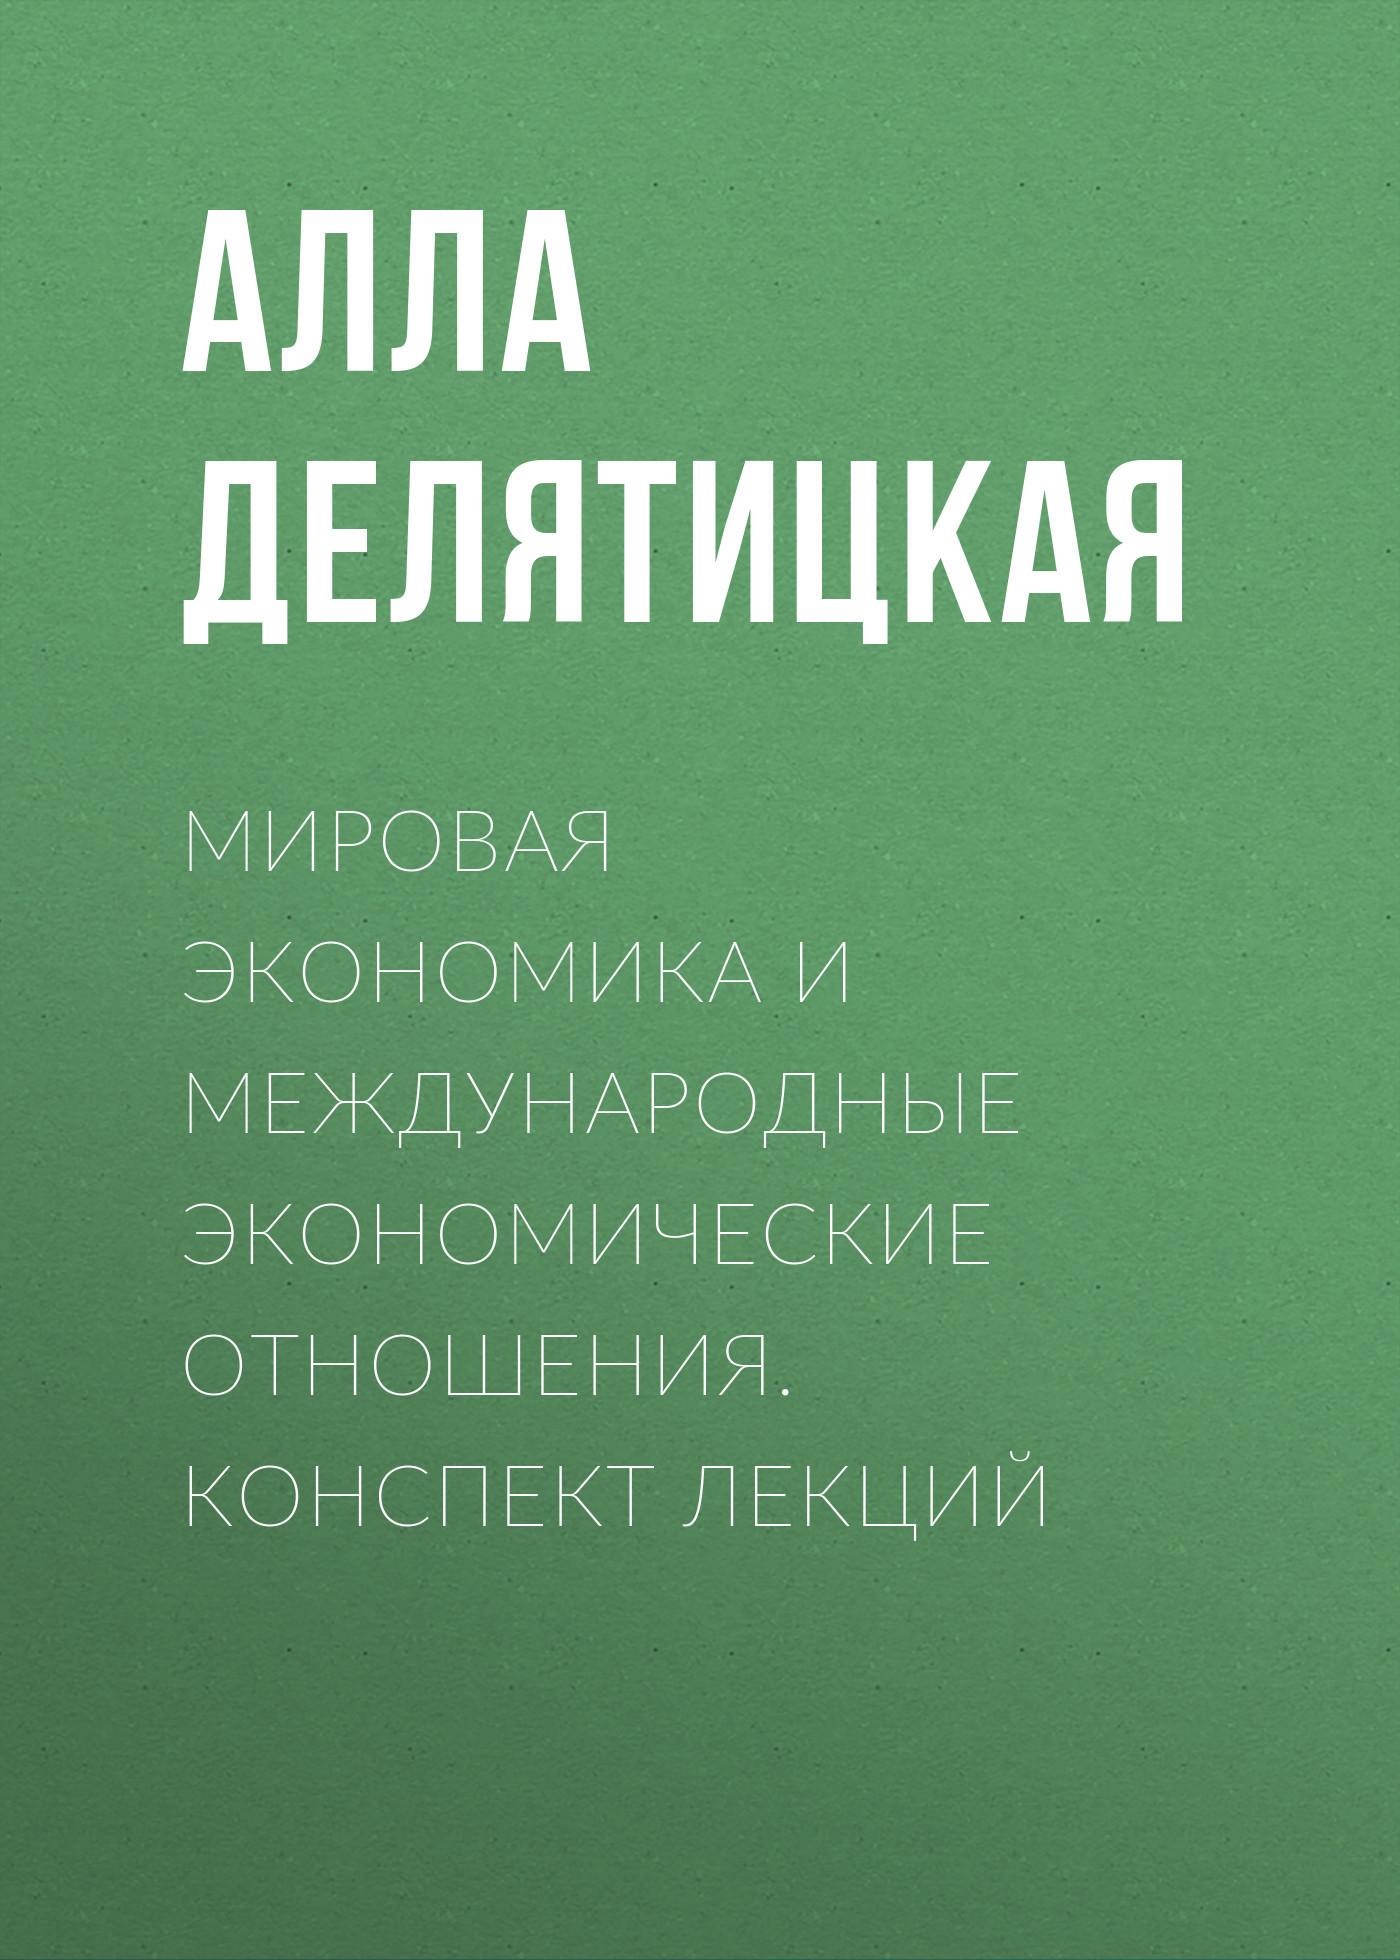 фото обложки издания Мировая экономика и международные экономические отношения. Конспект лекций